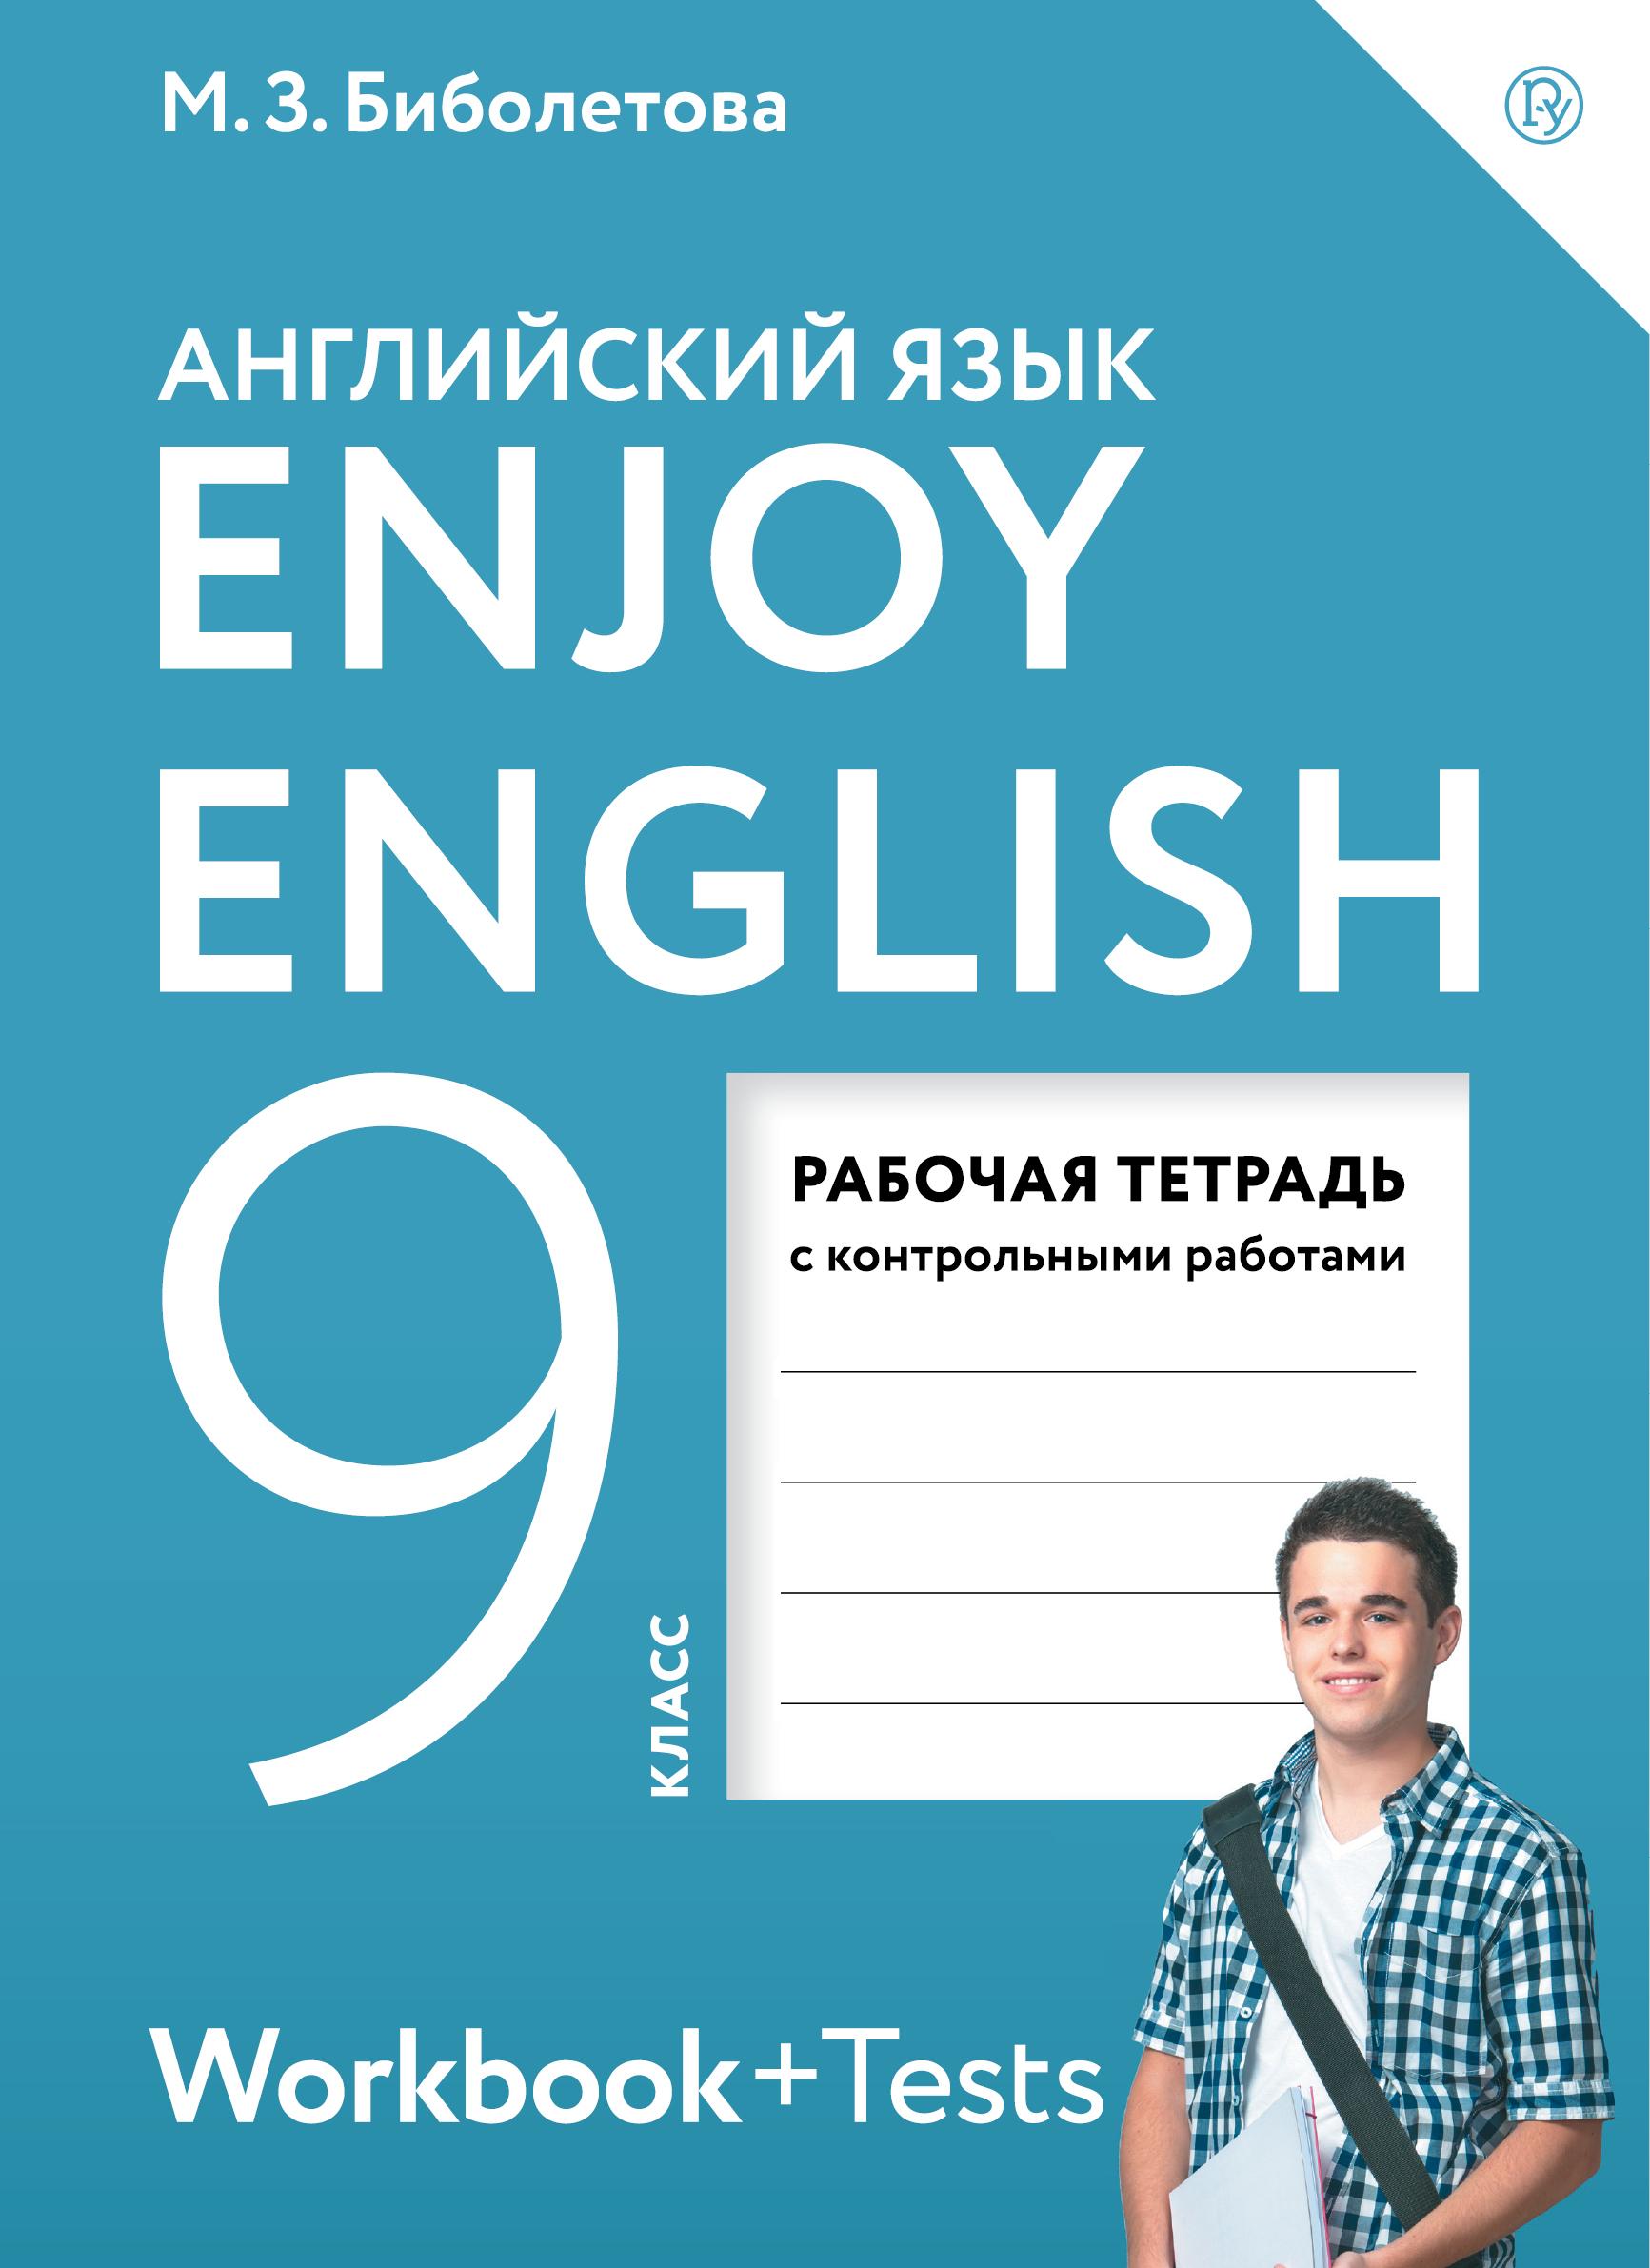 Биболетова М.З. Enjoy English/Английский с удовольствием. 9 класс. Рабочая тетрадь знаток книга english говорящий букварь рабочая тетрадь